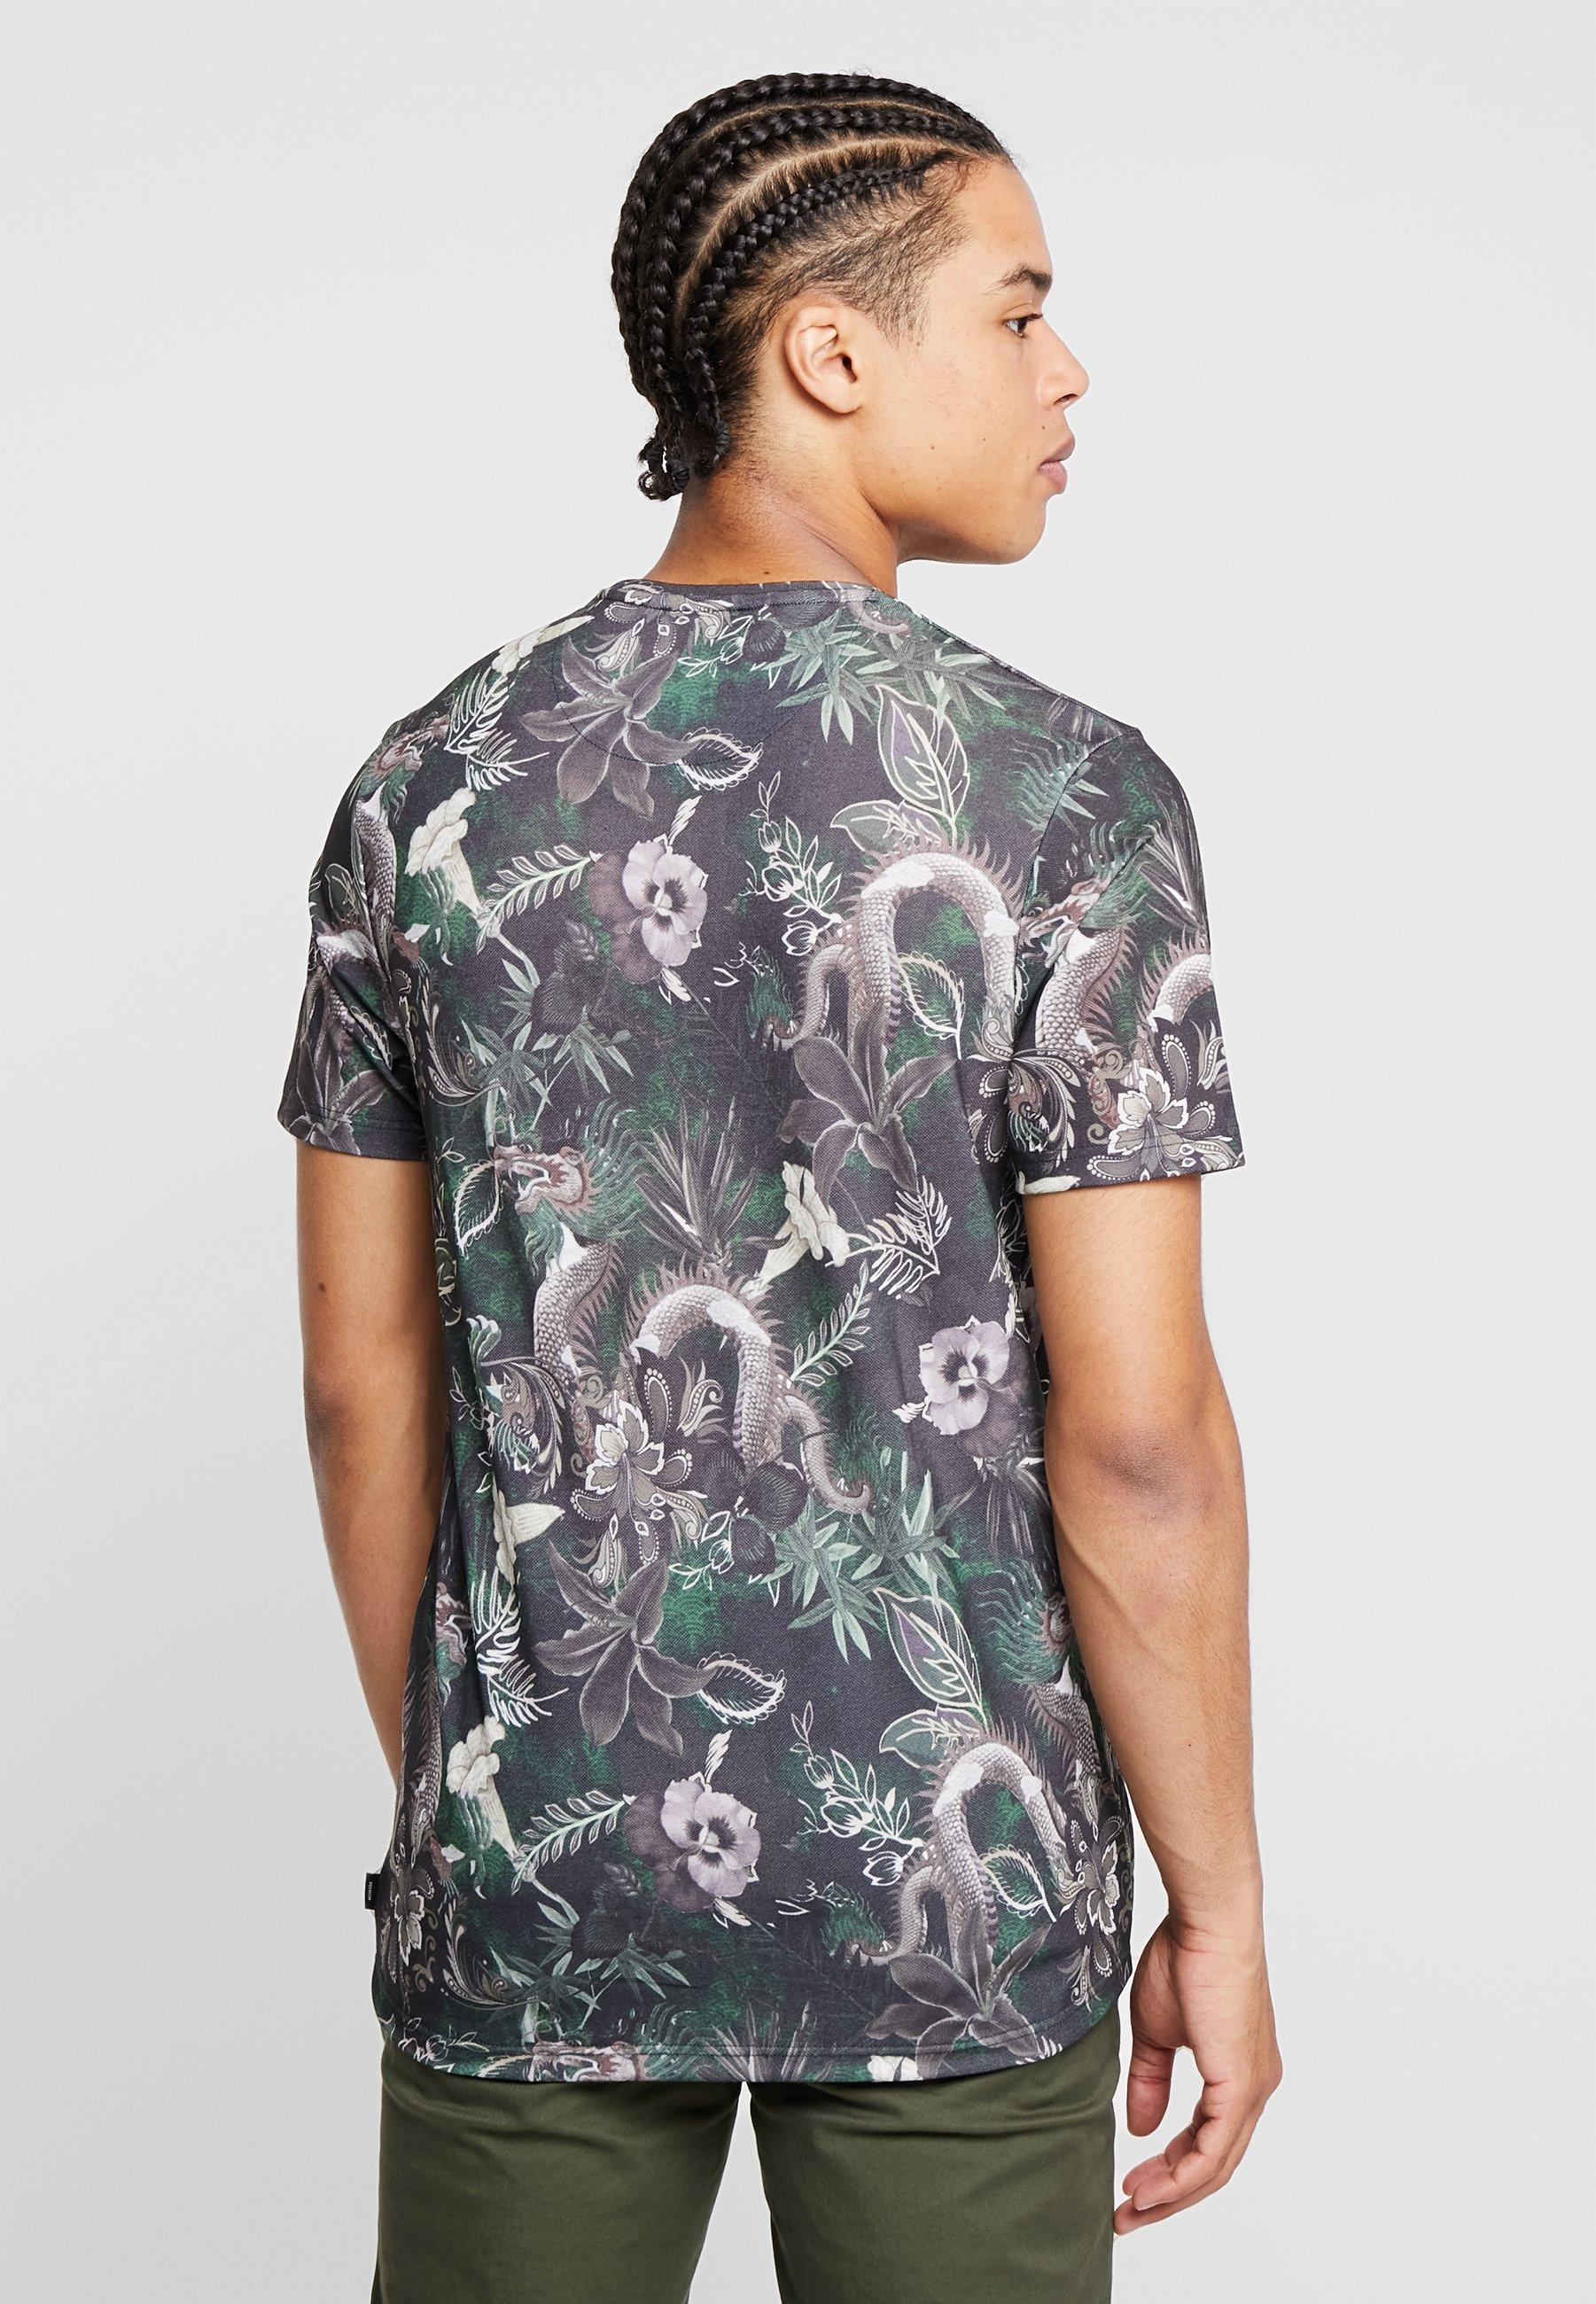 Tee NeckT Con Stampa Jackamp; shirt Crew Jprleonard Premium Black Jones uPZkTiOX